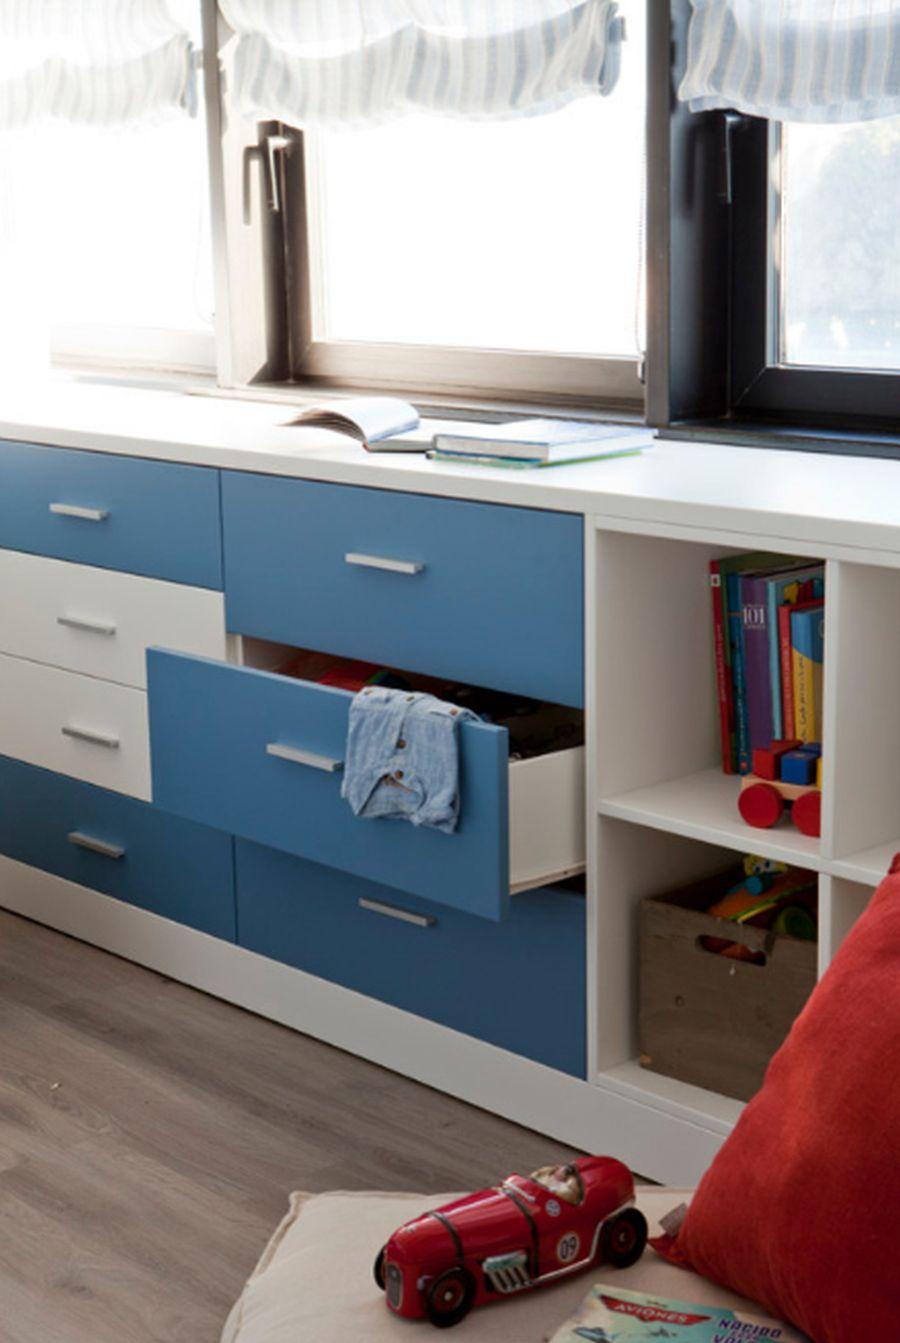 adelaparvu.com despre apartament duplex cu vedere la mare, Costa Brava, designer Pia Capdevila (17)